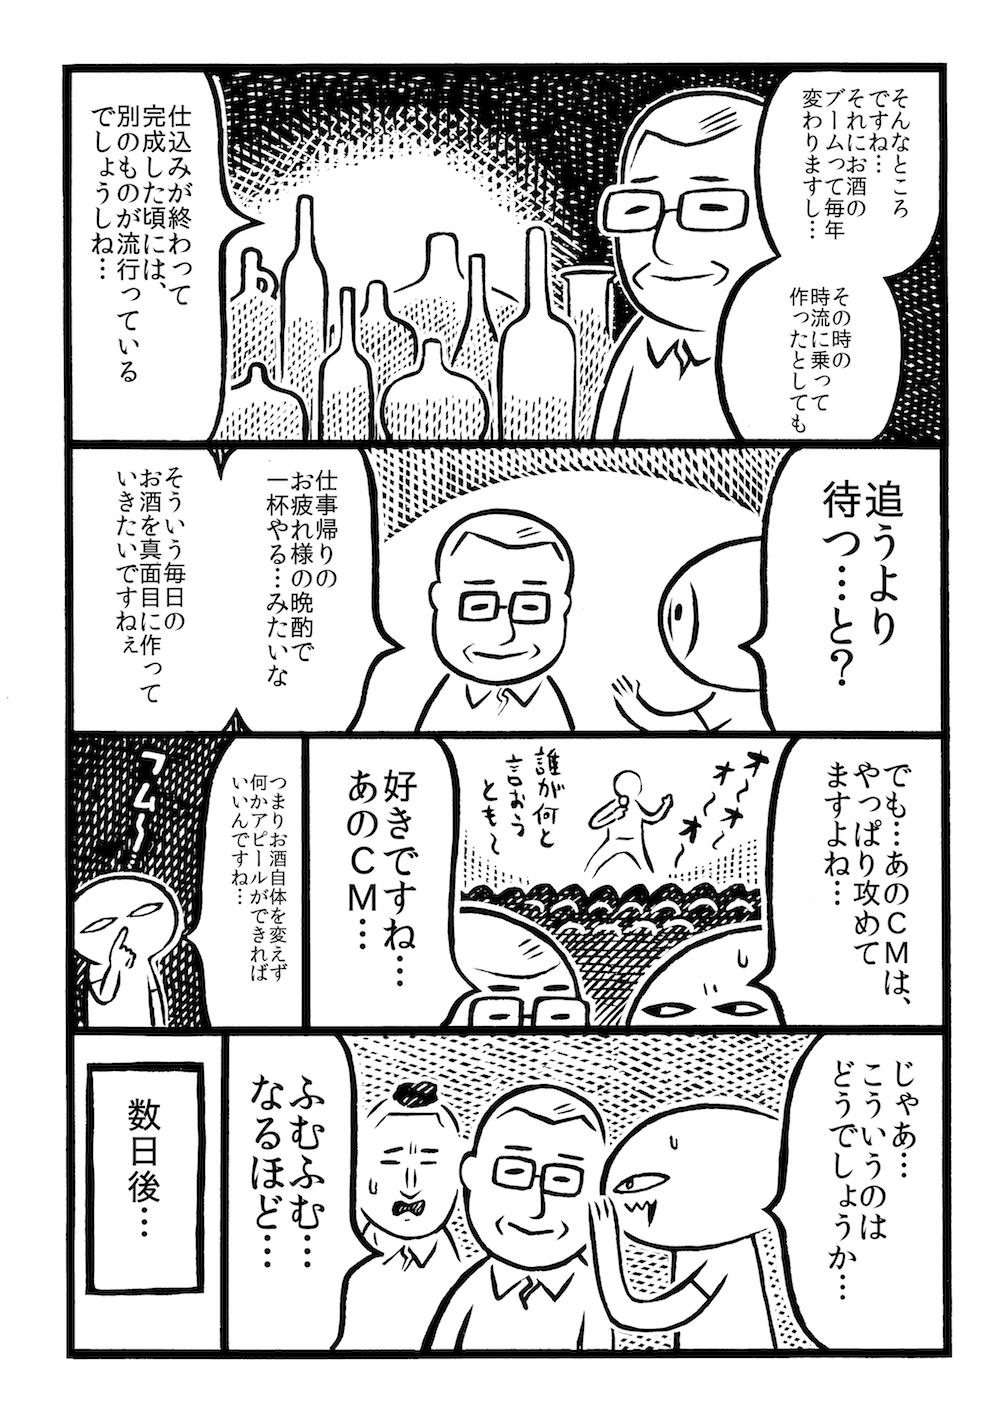 f:id:kakijiro:20170130141152j:plain